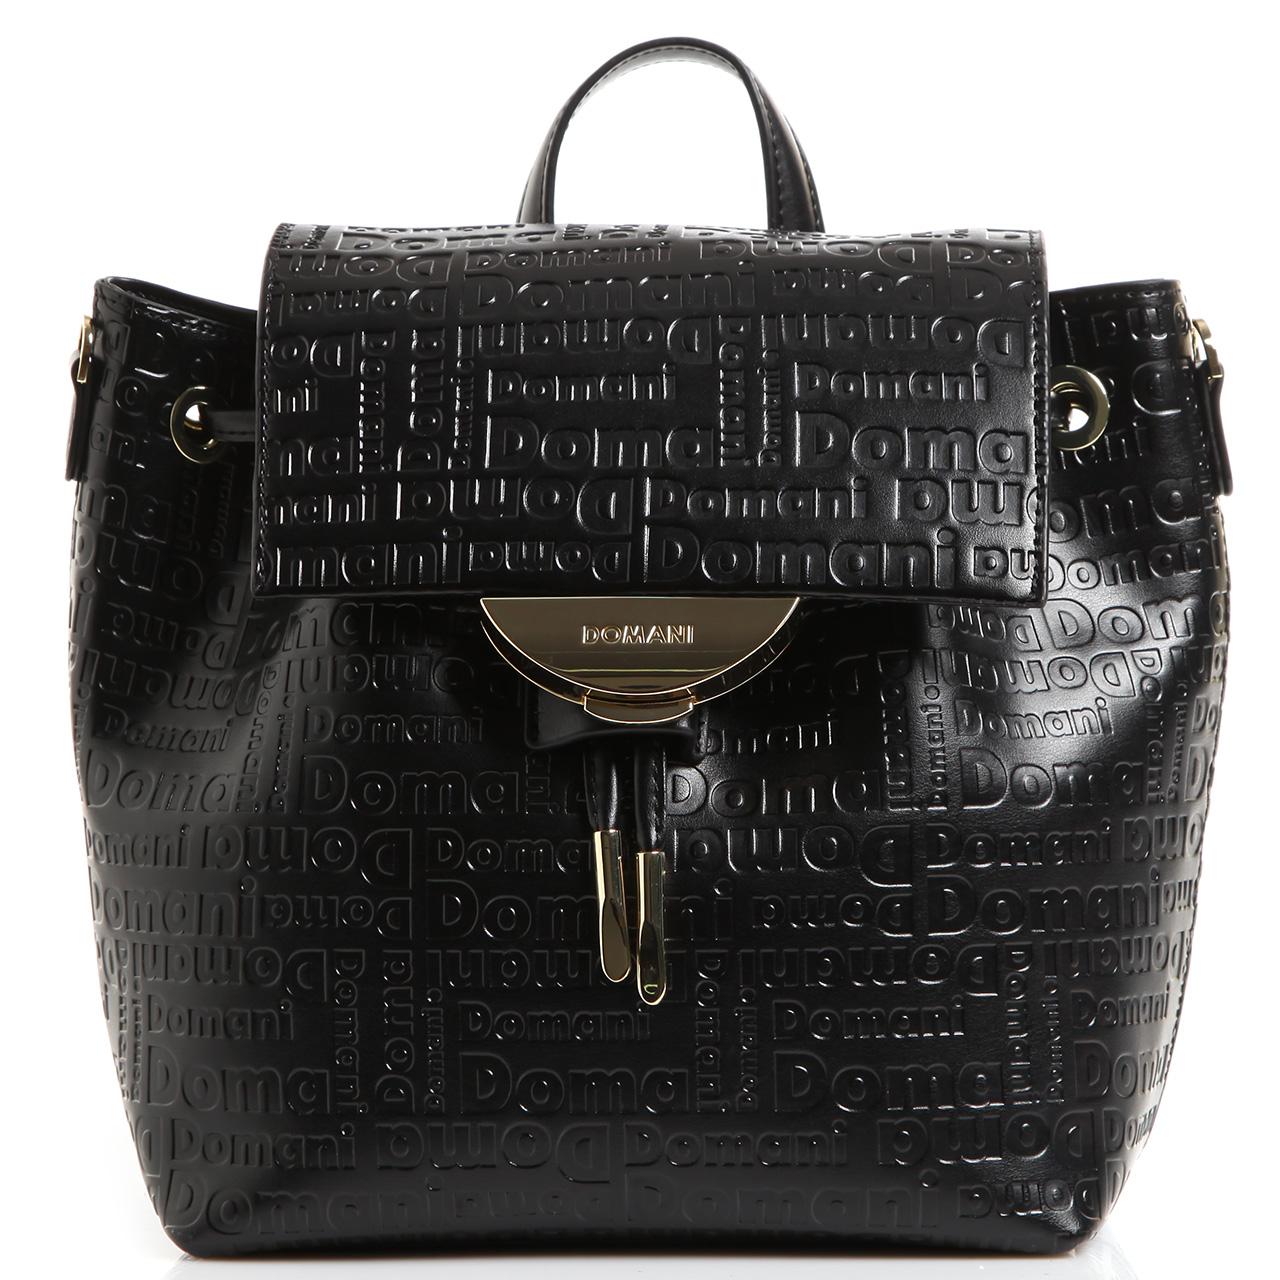 c987bbfa122d Распродажа кожаных сумок, аксессуаров и обуви в интернет-магазине Домани ( Domani) - Москва